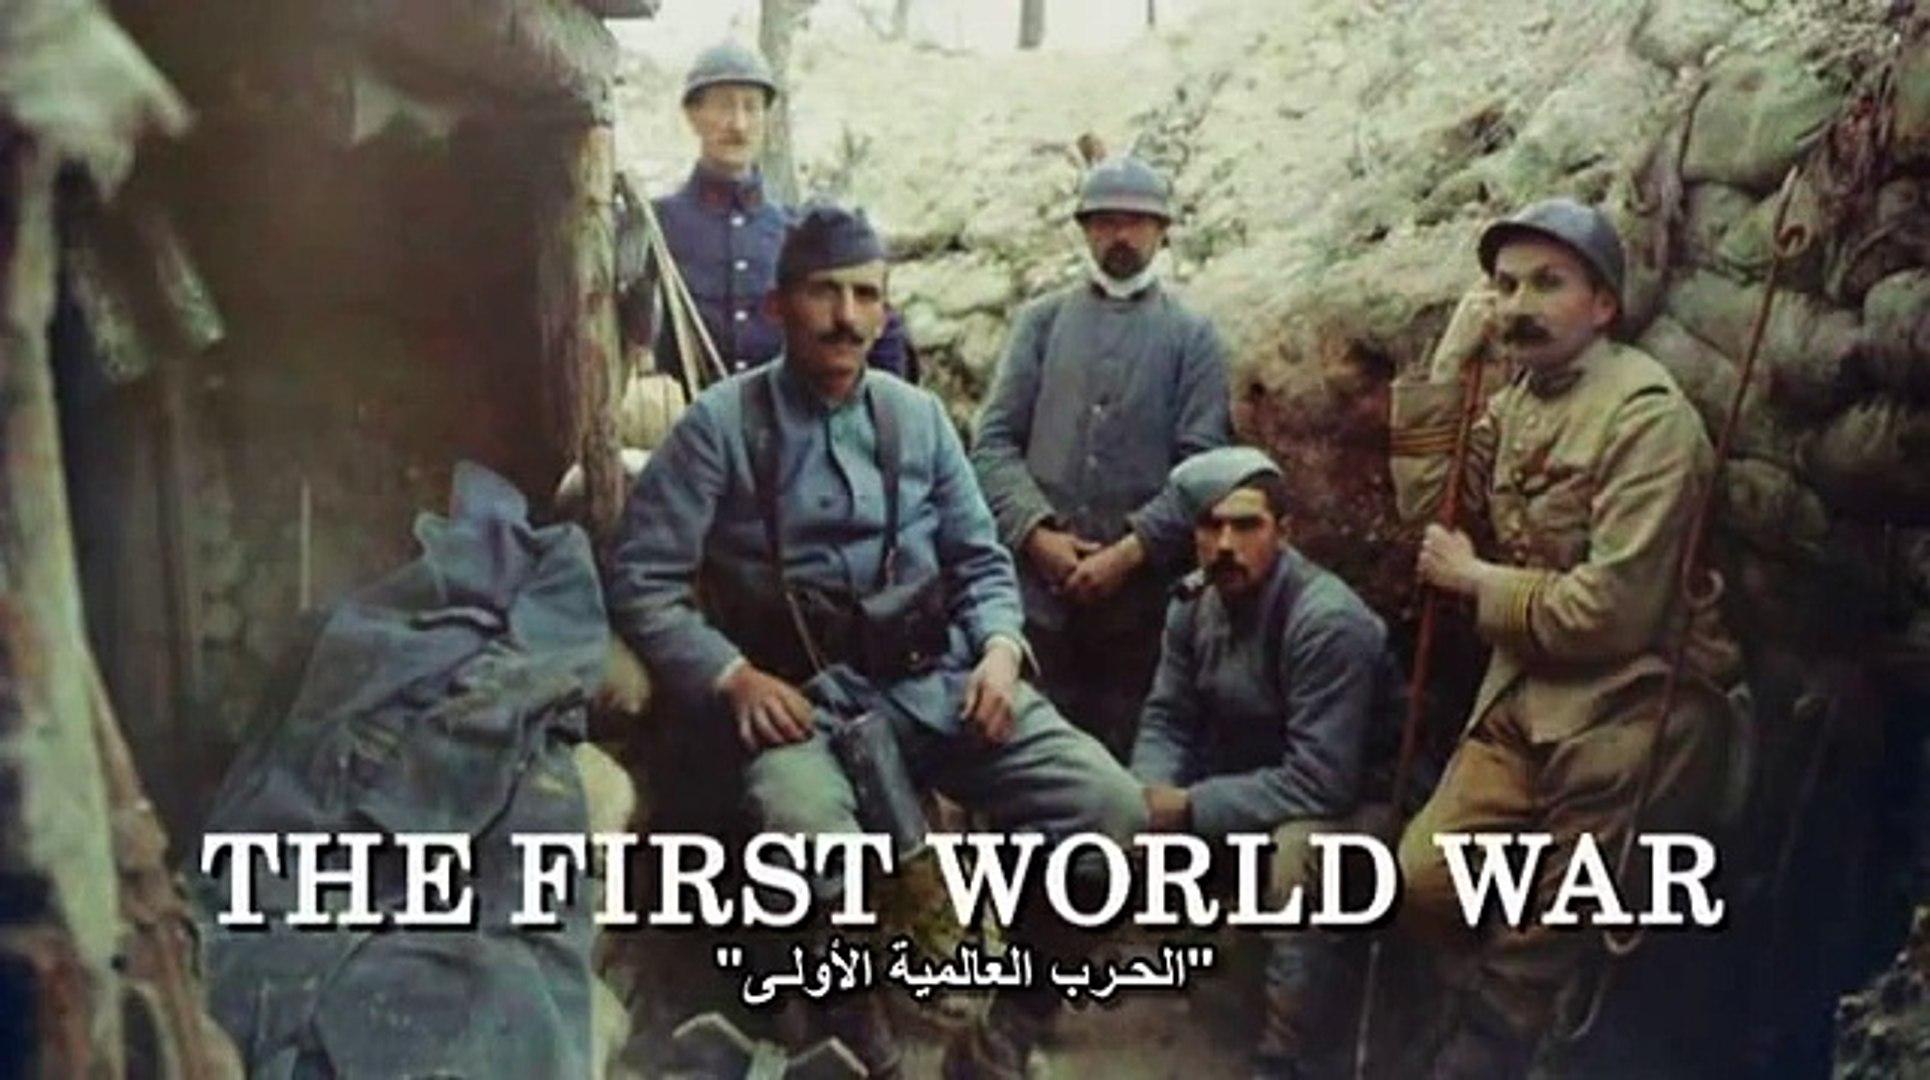 وثائقي الحرب العالمية الاولى الحلقة 10